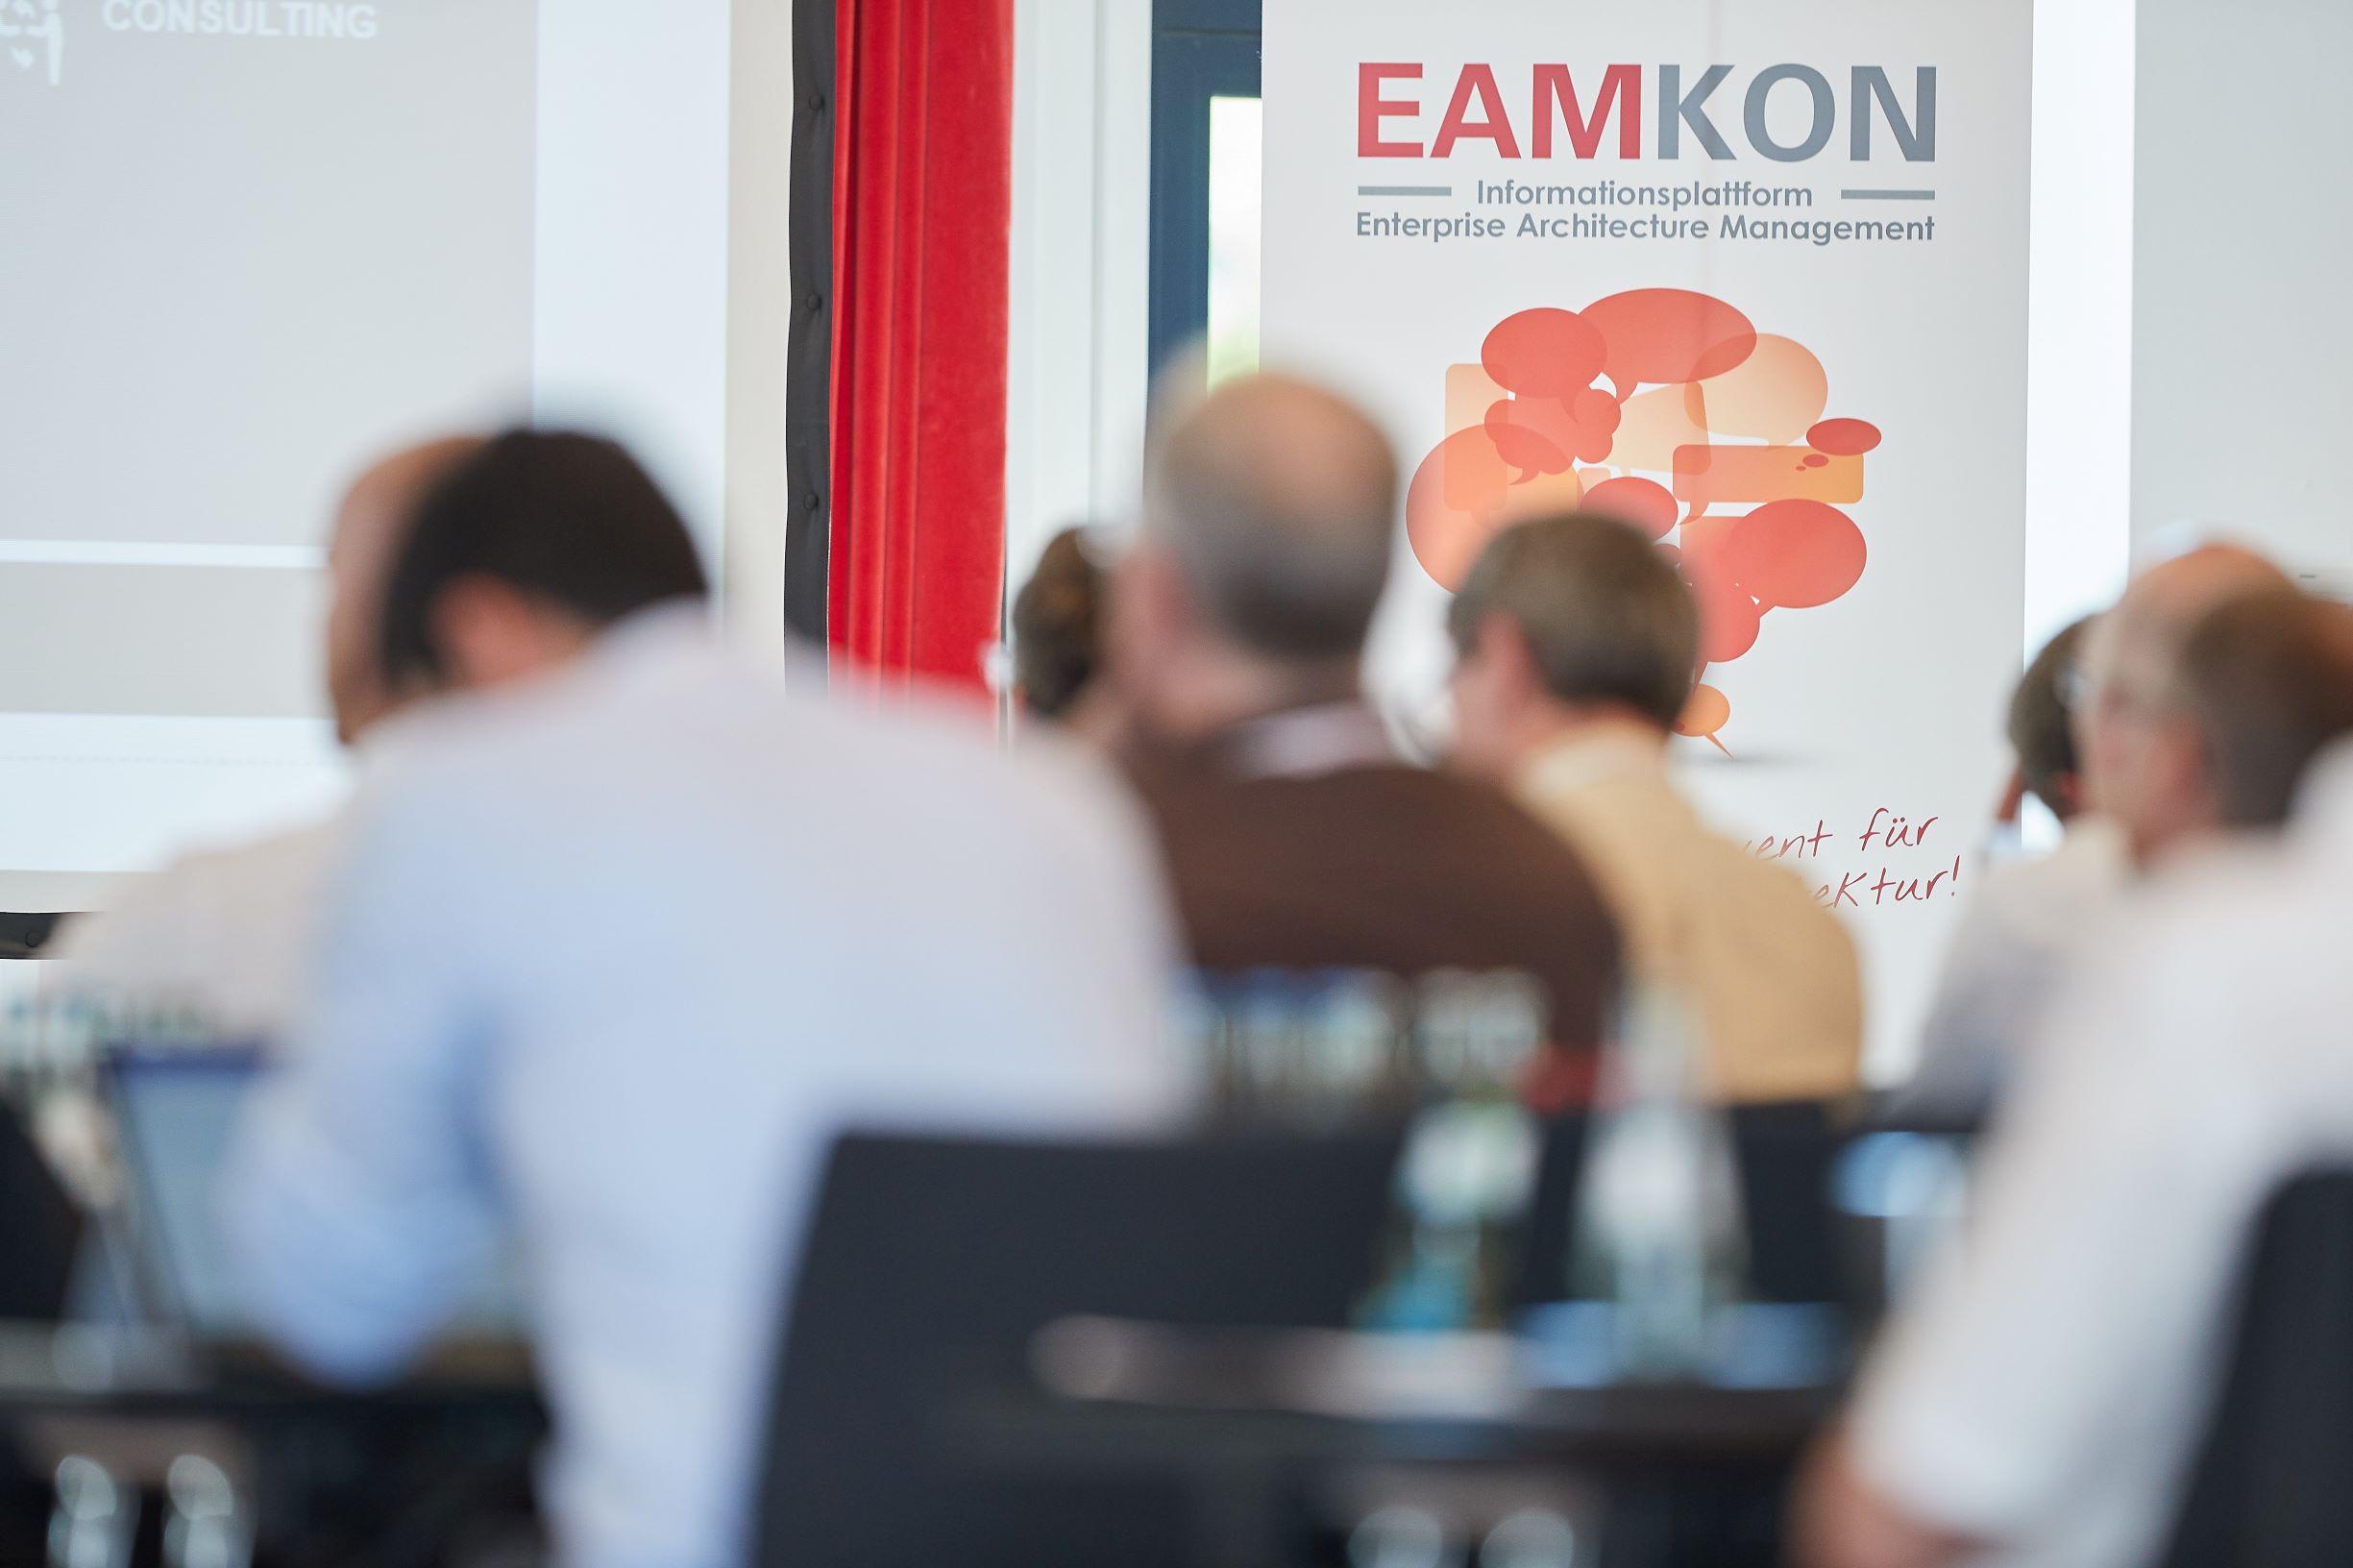 EAMKO2019 – Enterprise Architecure Management auf hohem Niveau und zukunftsweisend. Prof. Florian Matthes moderiert vom 21.-23.5.2019 in Stuttgart